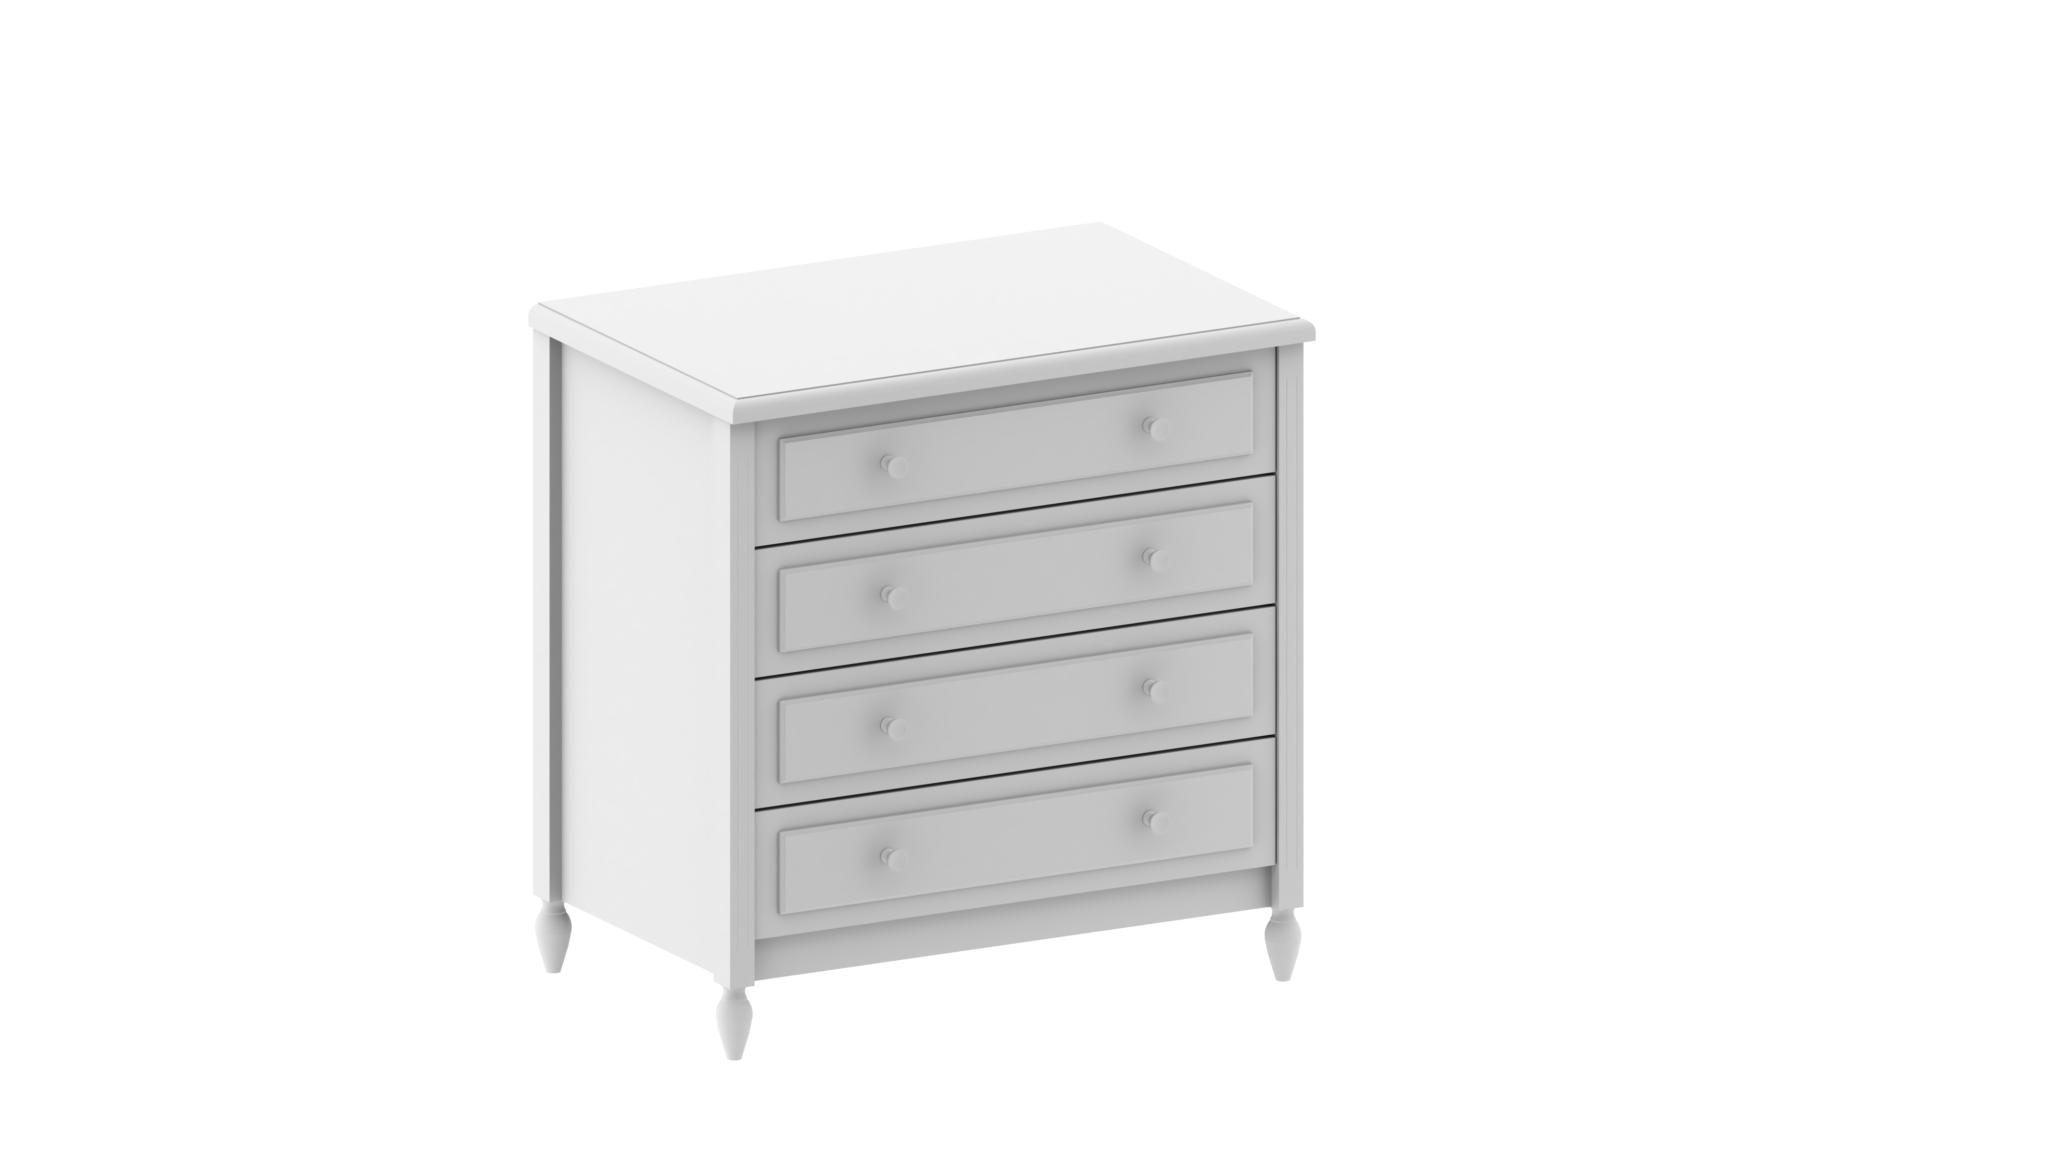 Comoda-la-vie-4-gavetas-branco-2048x1152